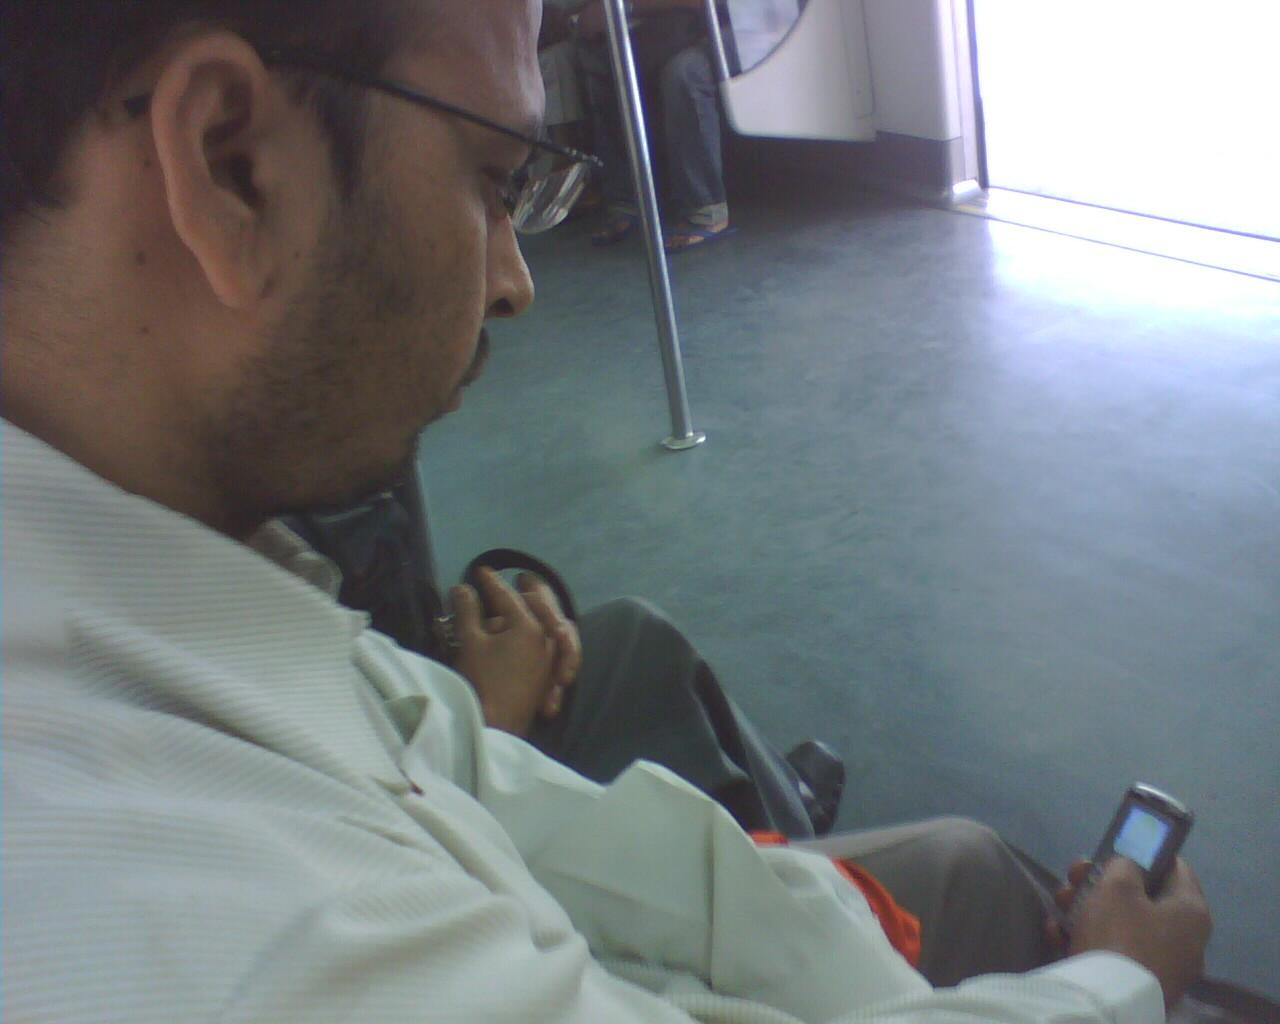 metro+mobile+game Segundo Diário do ABC, os brasileiros jogam mais no celular